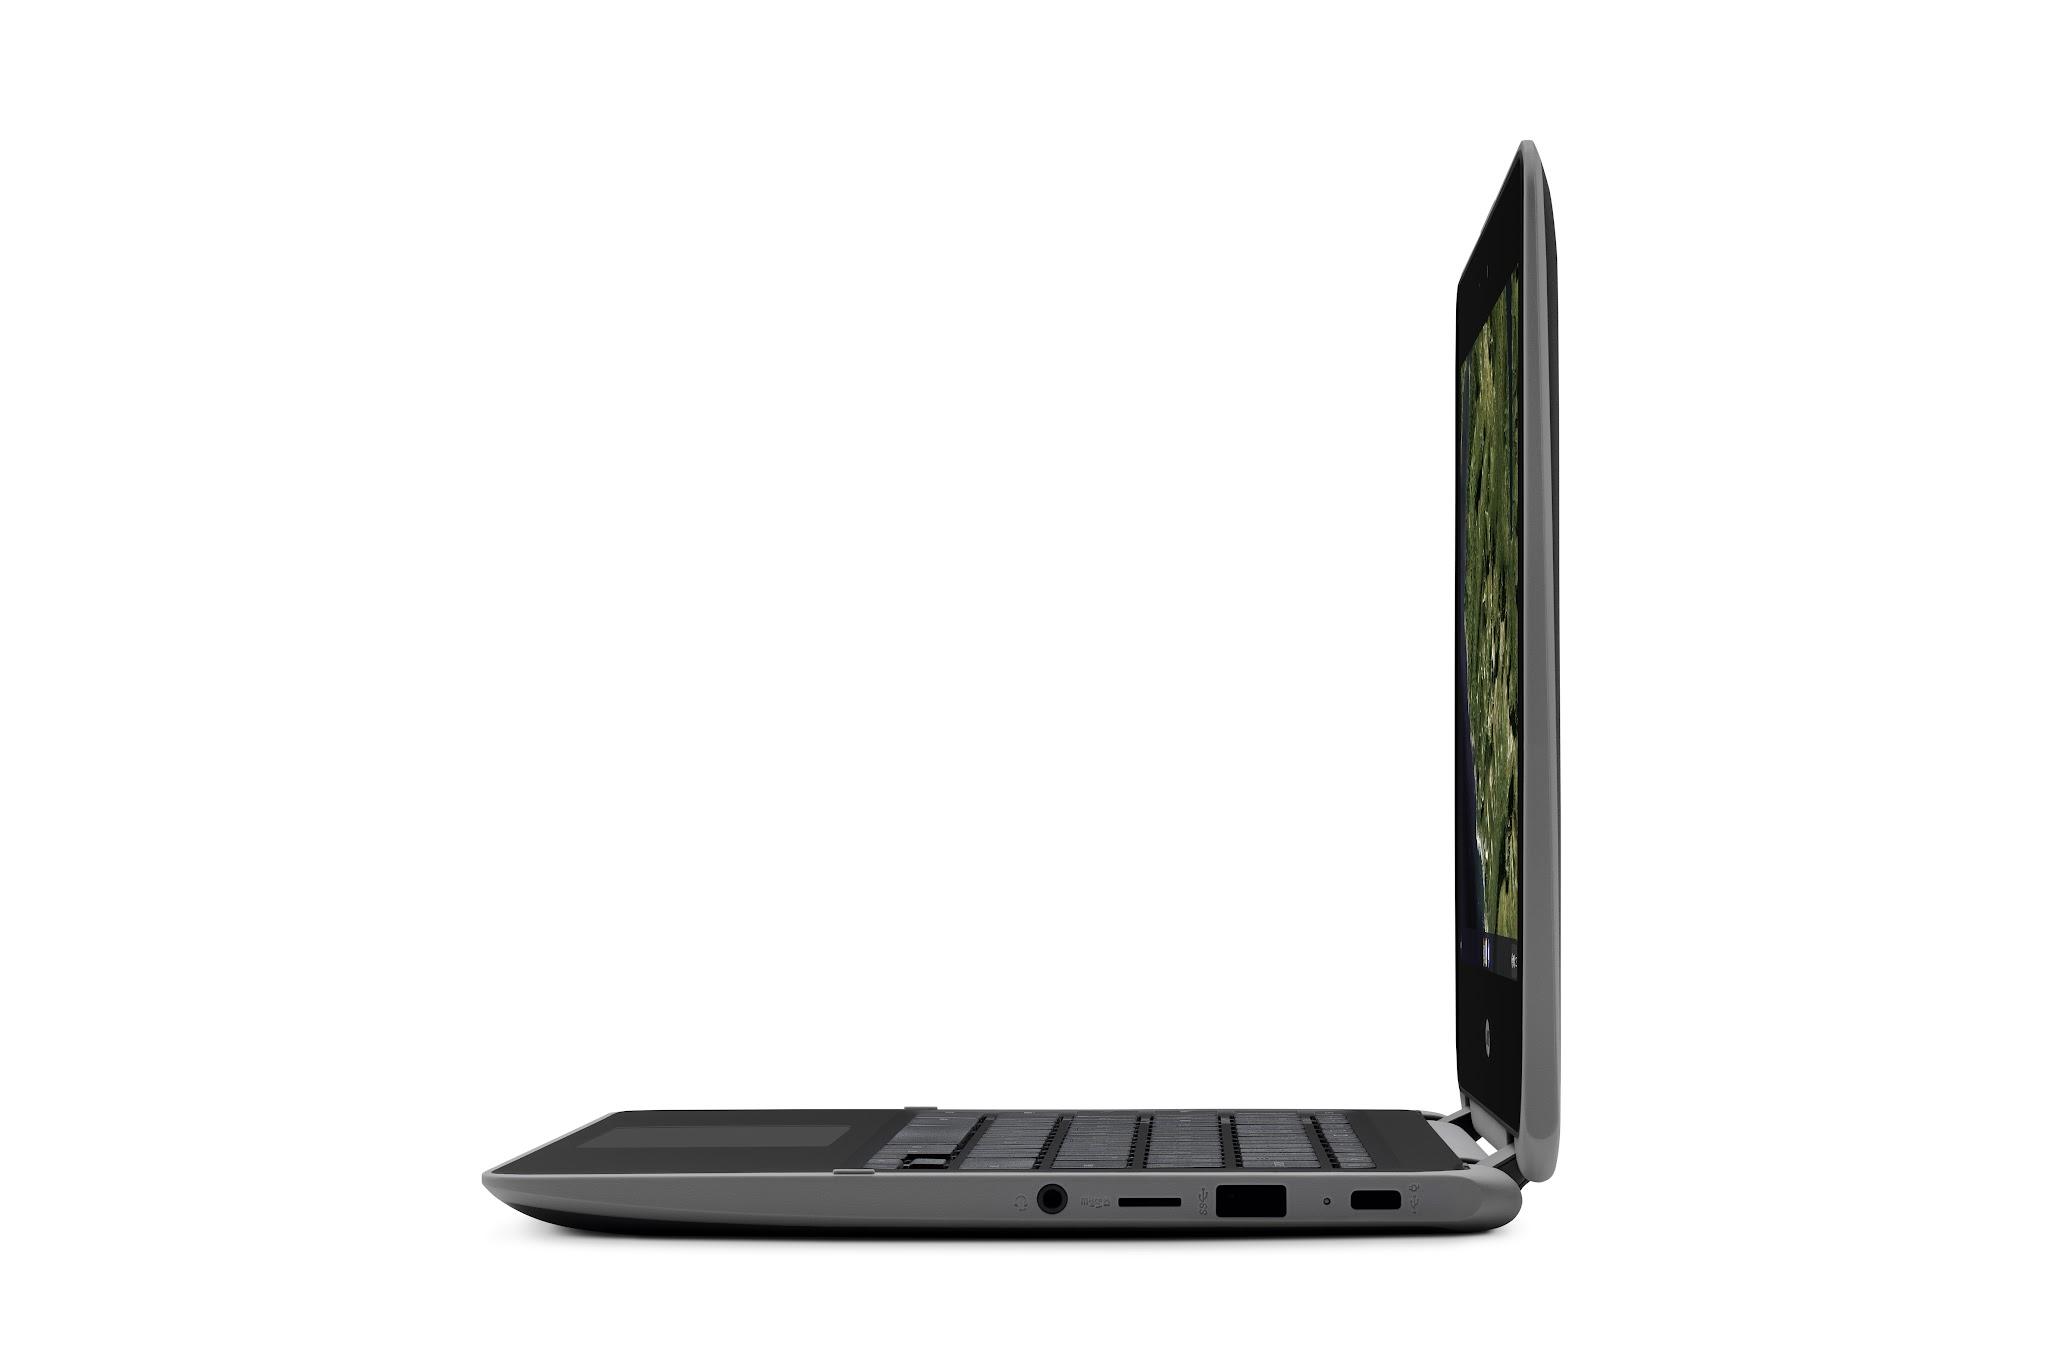 HP Chromebook x360 11 G2 EE - photo 4